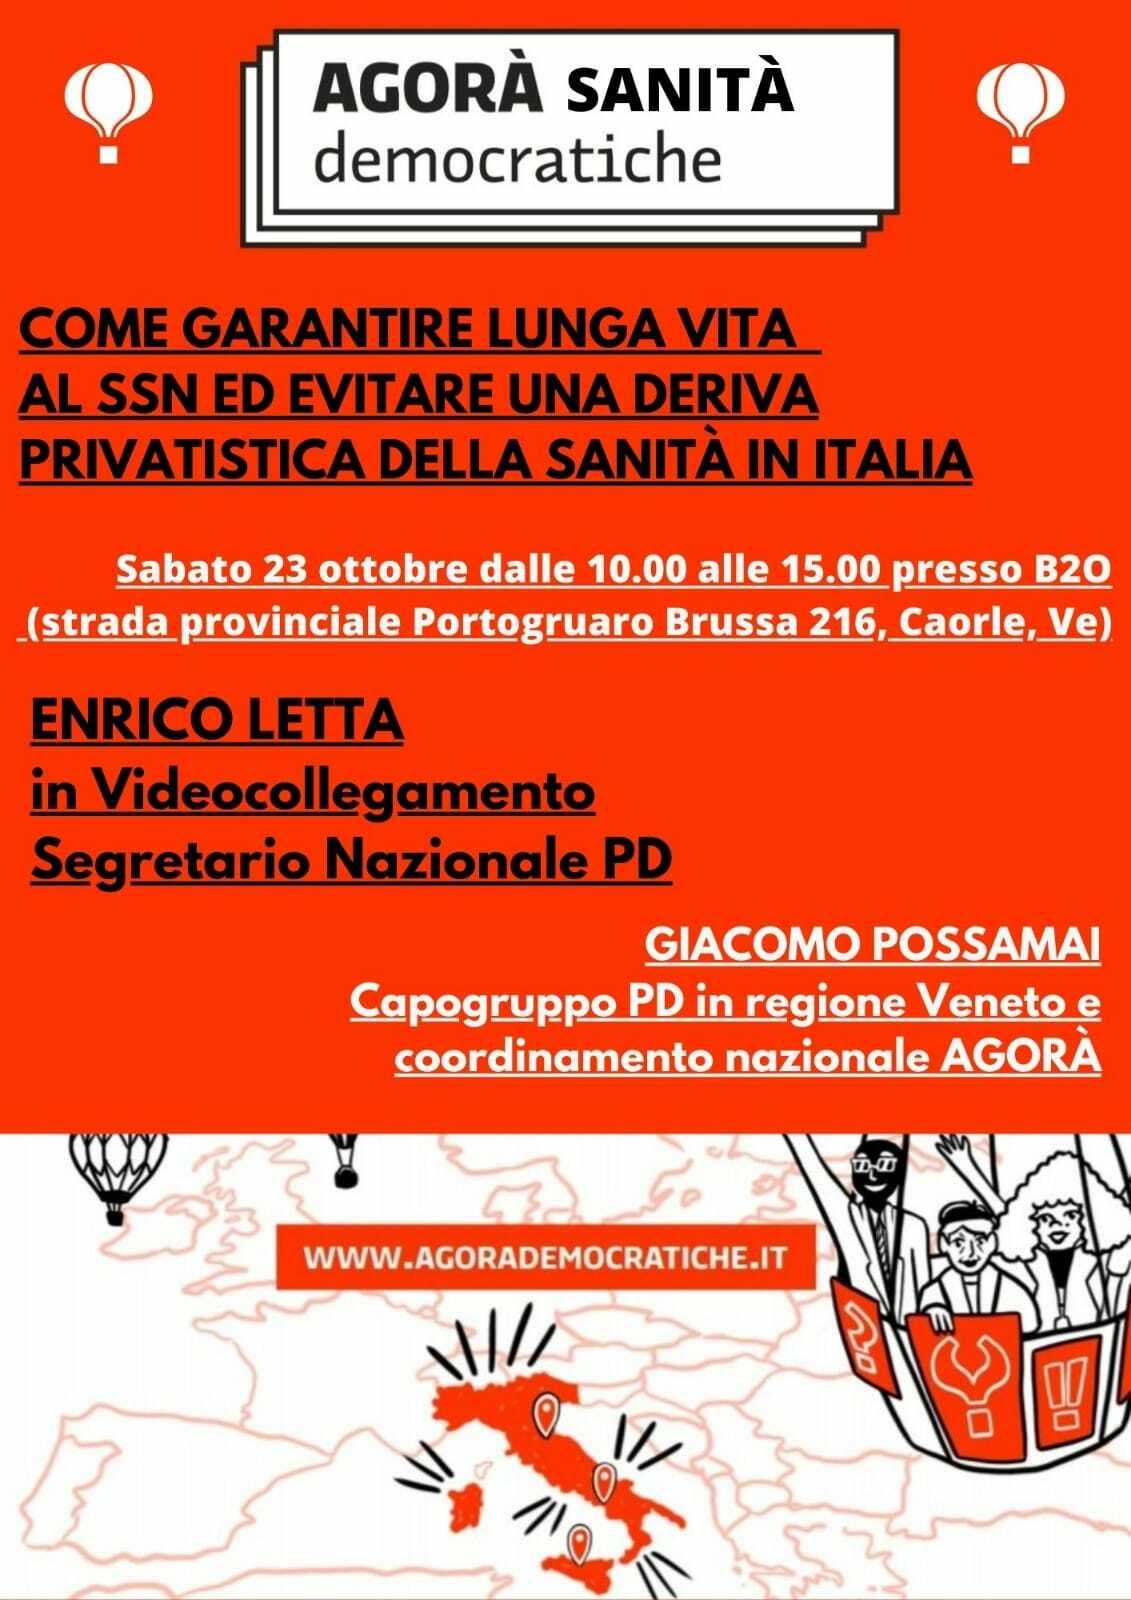 Come garantire lunga vita al SSN ed evitare una deriva privatistica della sanità in Italia